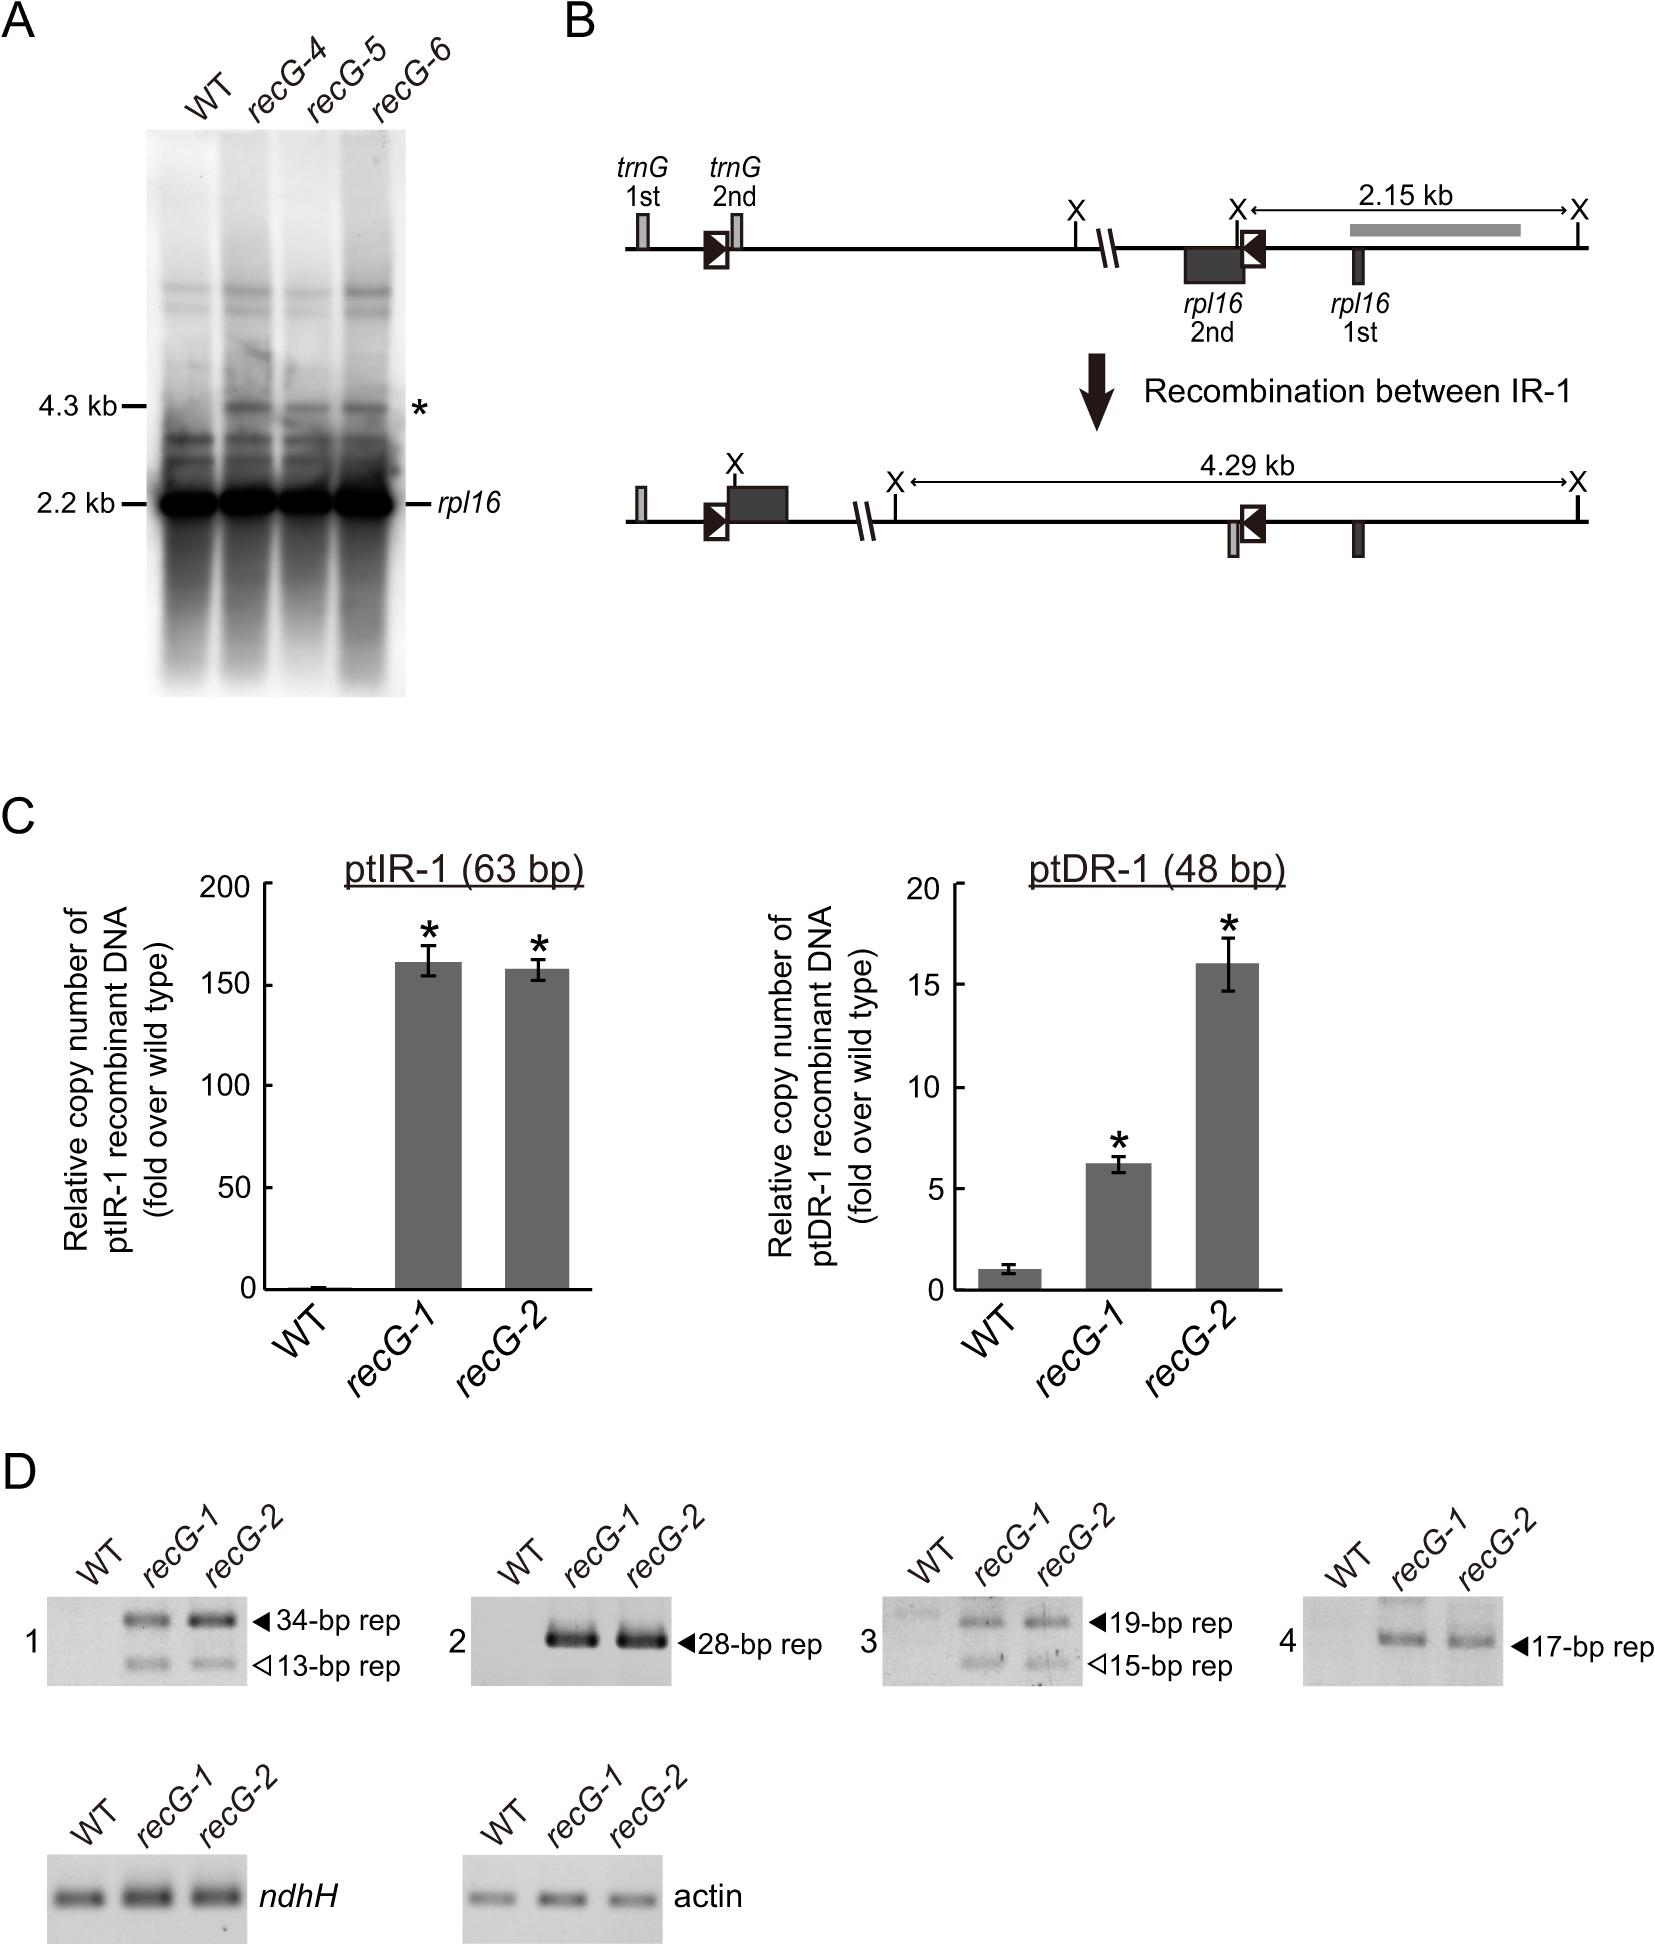 Genomic instability in <i>RECG</i> KO plastids.